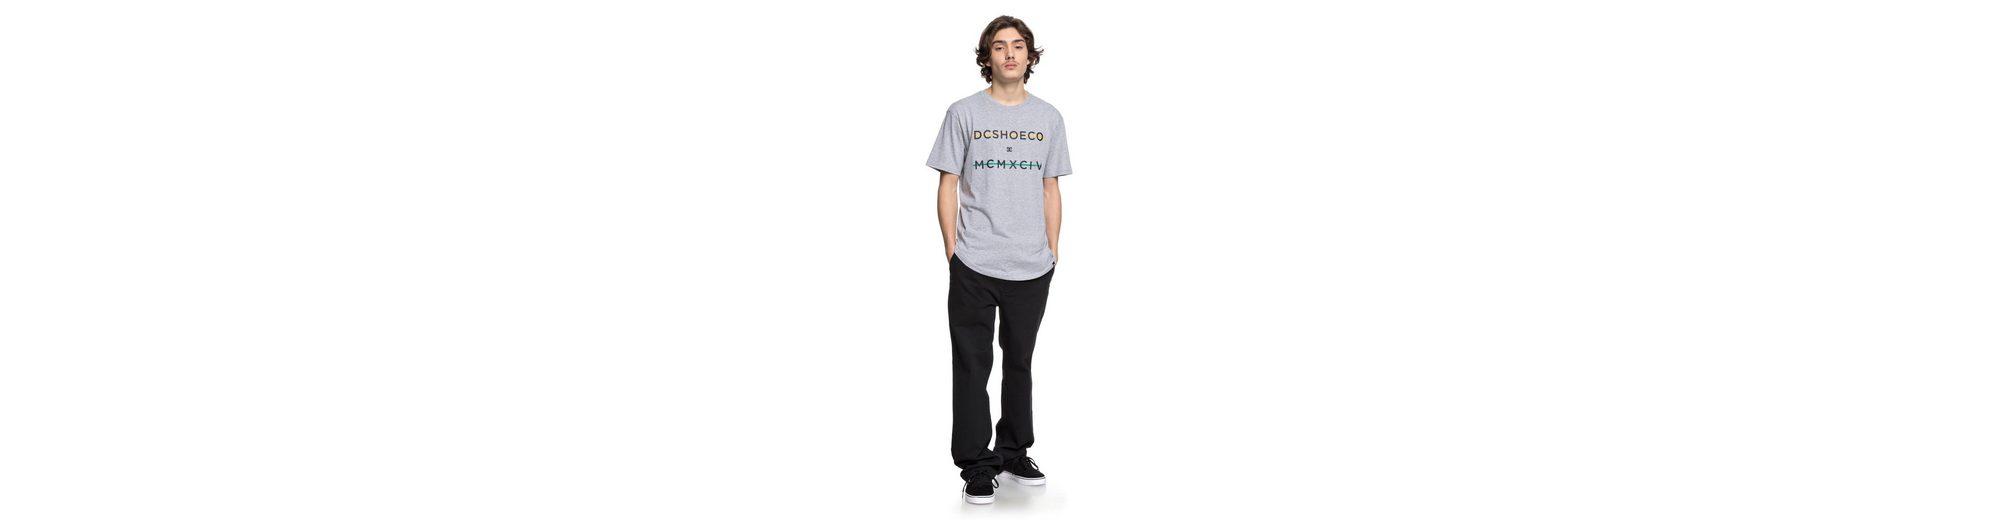 DC Shoes T-Shirt Line Up The Way Preise Im Netz Unter Online-Verkauf Spielraum Shop-Angebot Große Überraschung Günstig Online z0gQaX